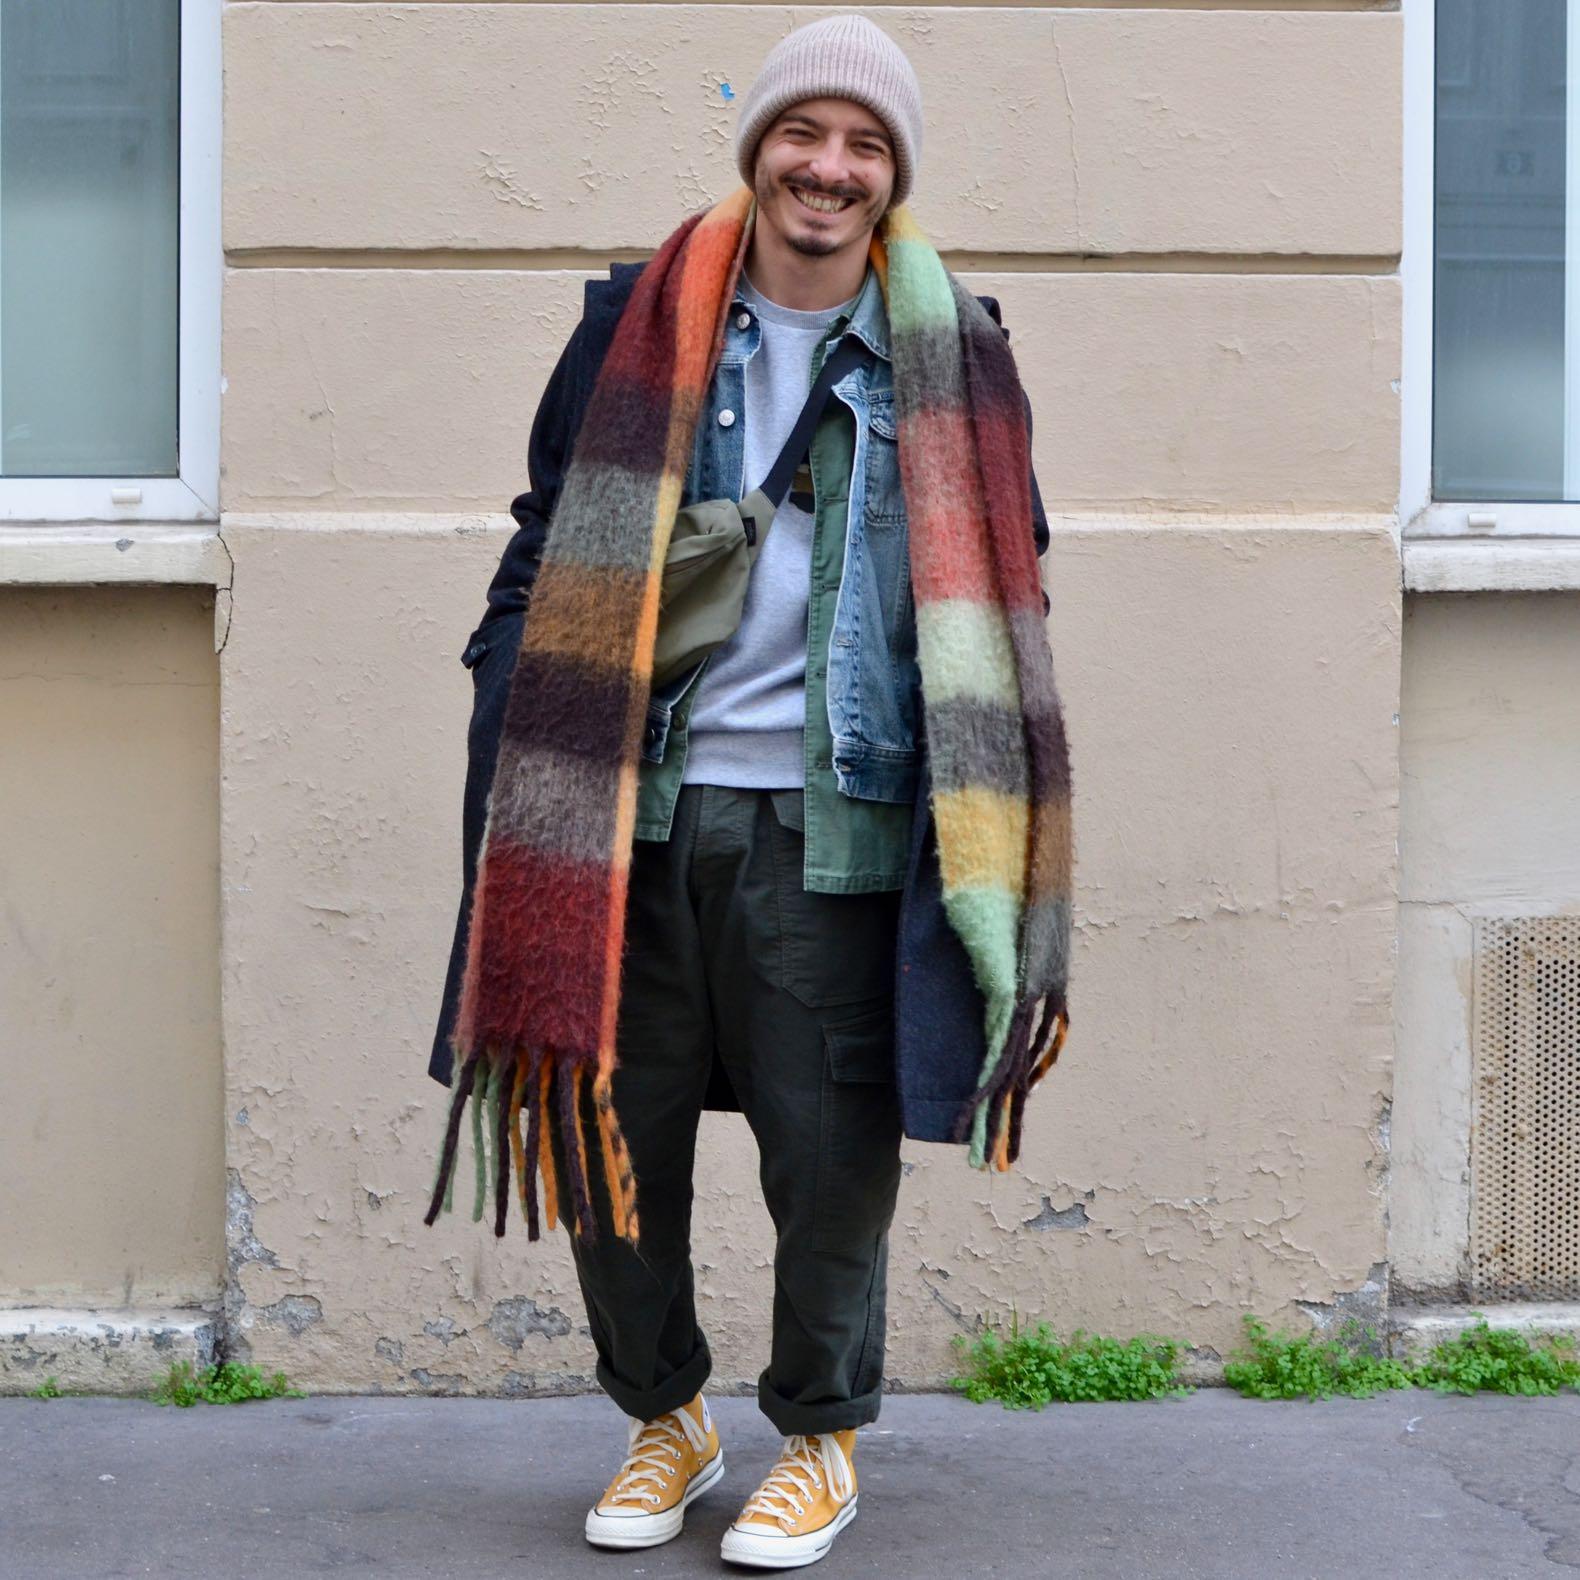 conseil style pour homme petit puor porter coupe large et manteau long